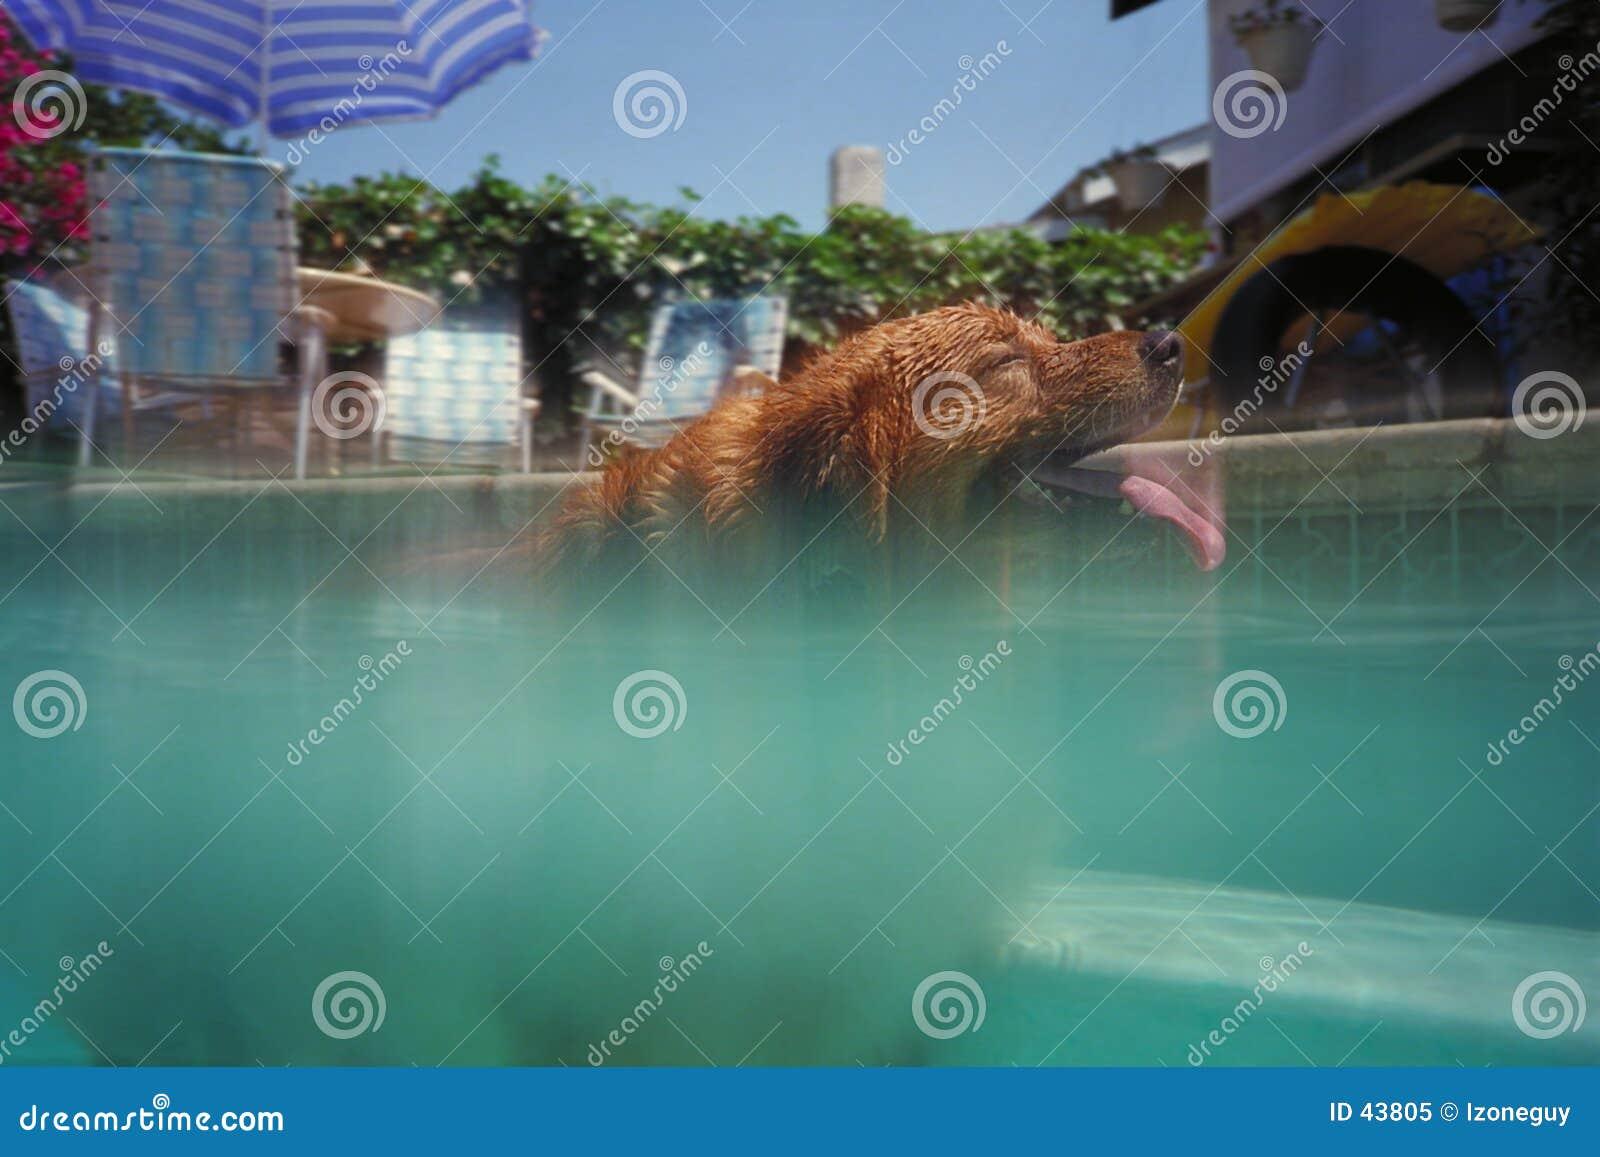 Hond die in pool zwemt